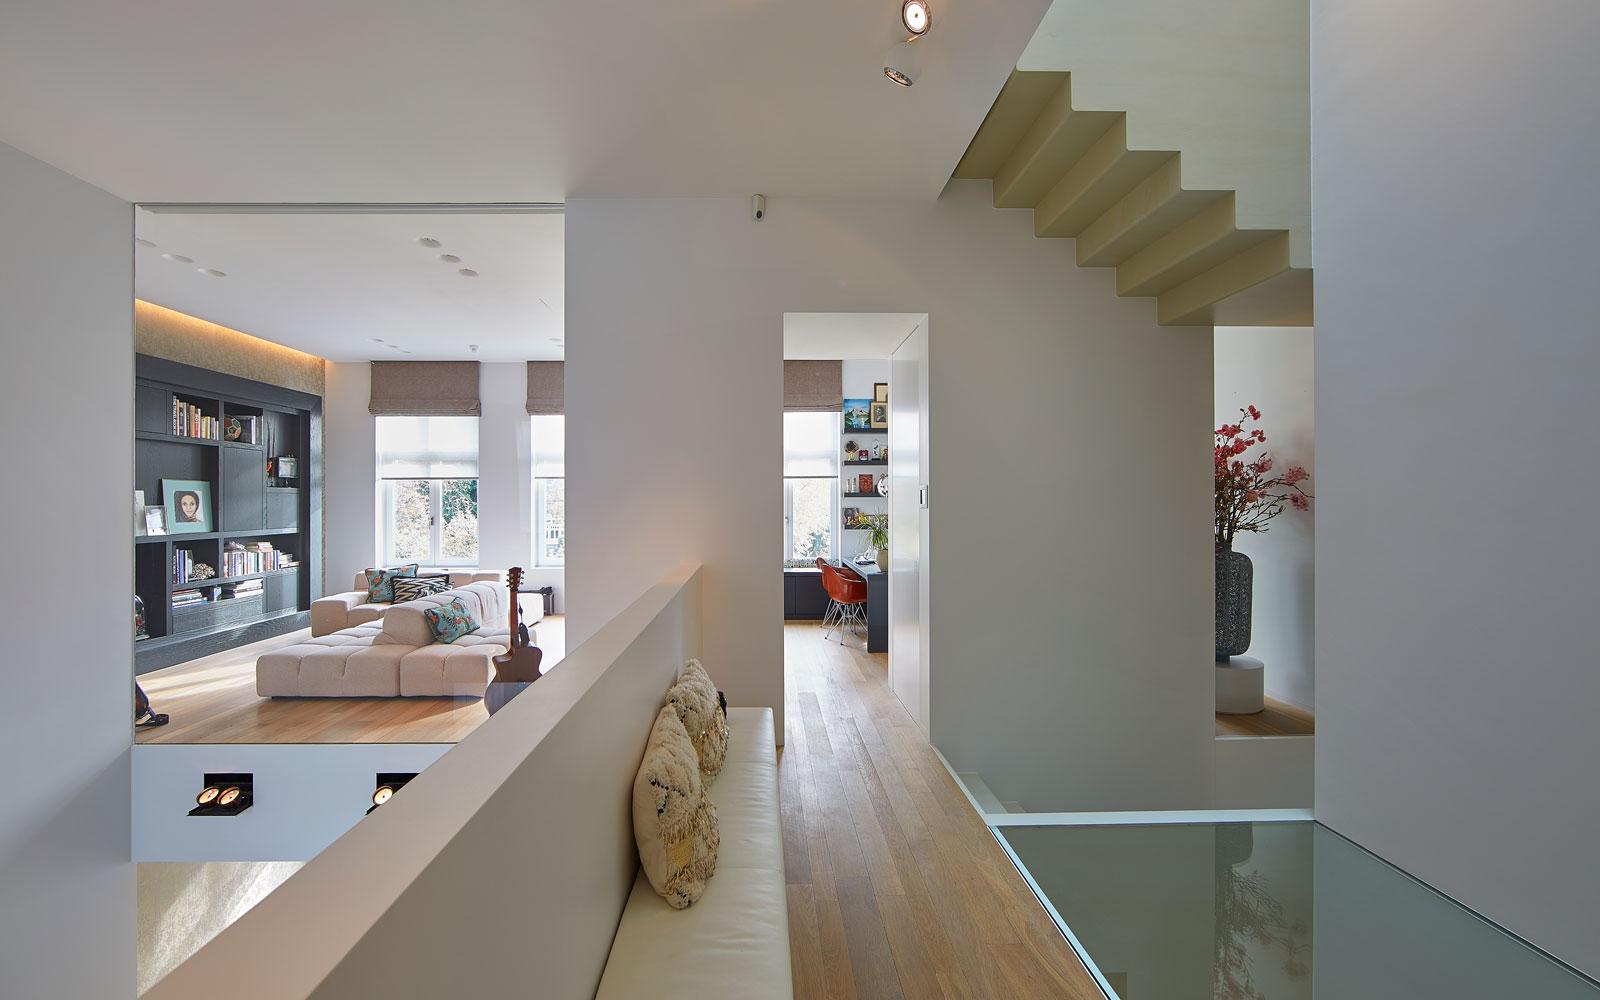 Woonkamer, ruimtelijk, glazen plafonds, licht, hoogteverschil, grachtenpand, Bart van Wijk